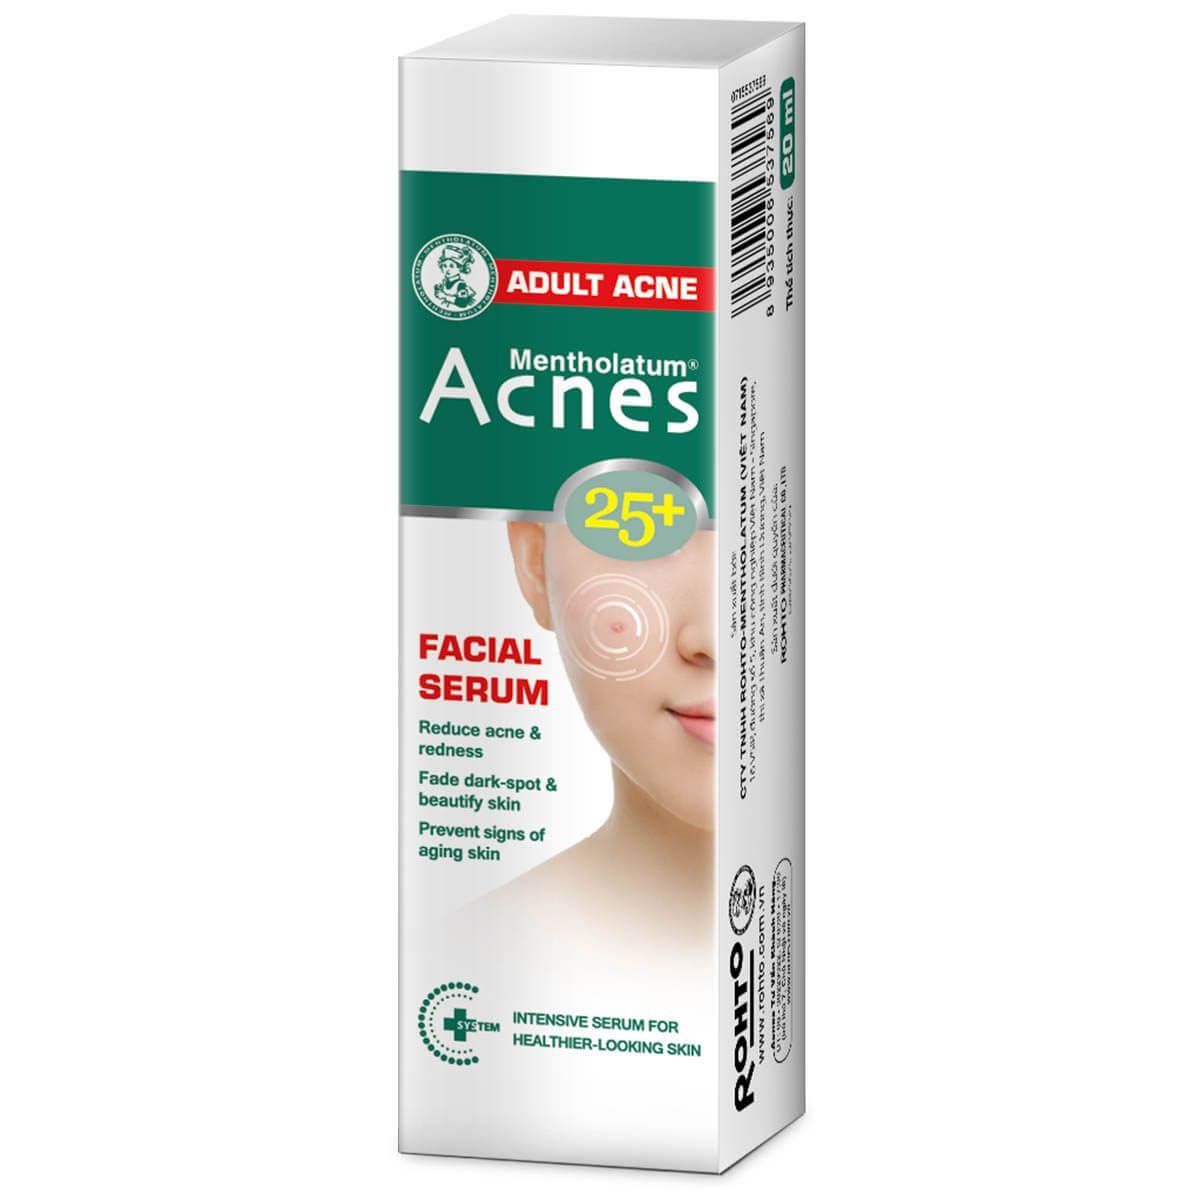 Acnes 25+ Facial Serum - Tinh Chất Chuyên Biệt Cho Da Mụn